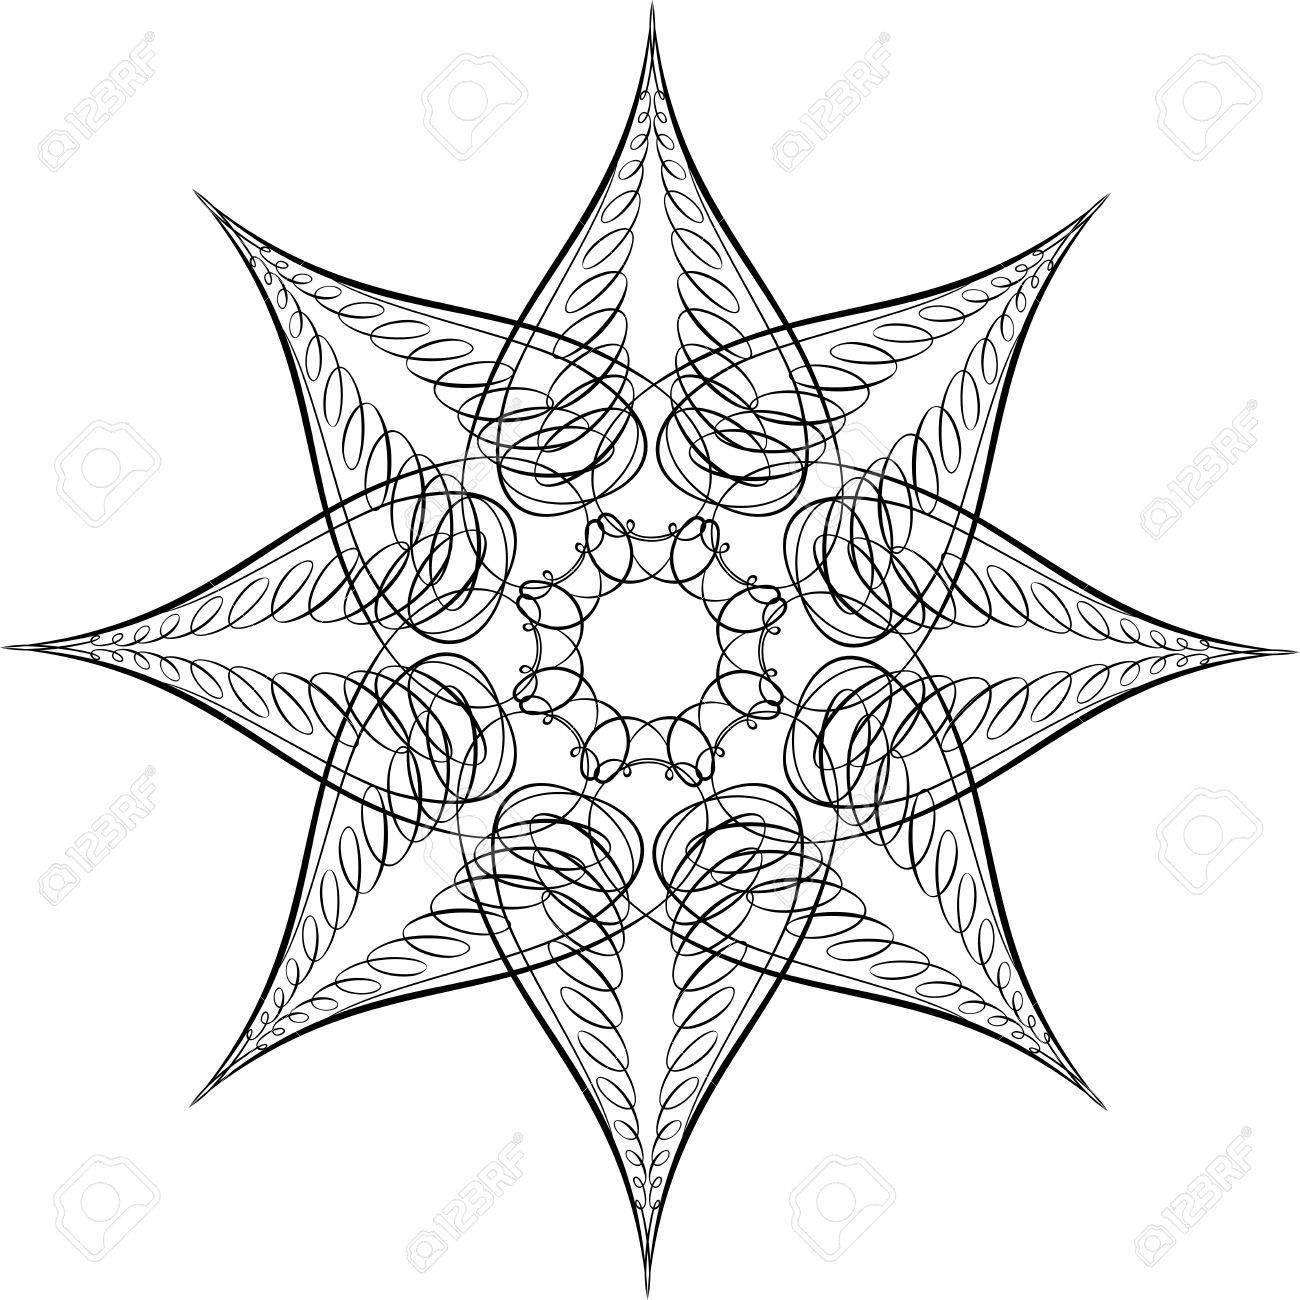 Calligraphic Star, Vector Design Element Stock Vector - 25050190